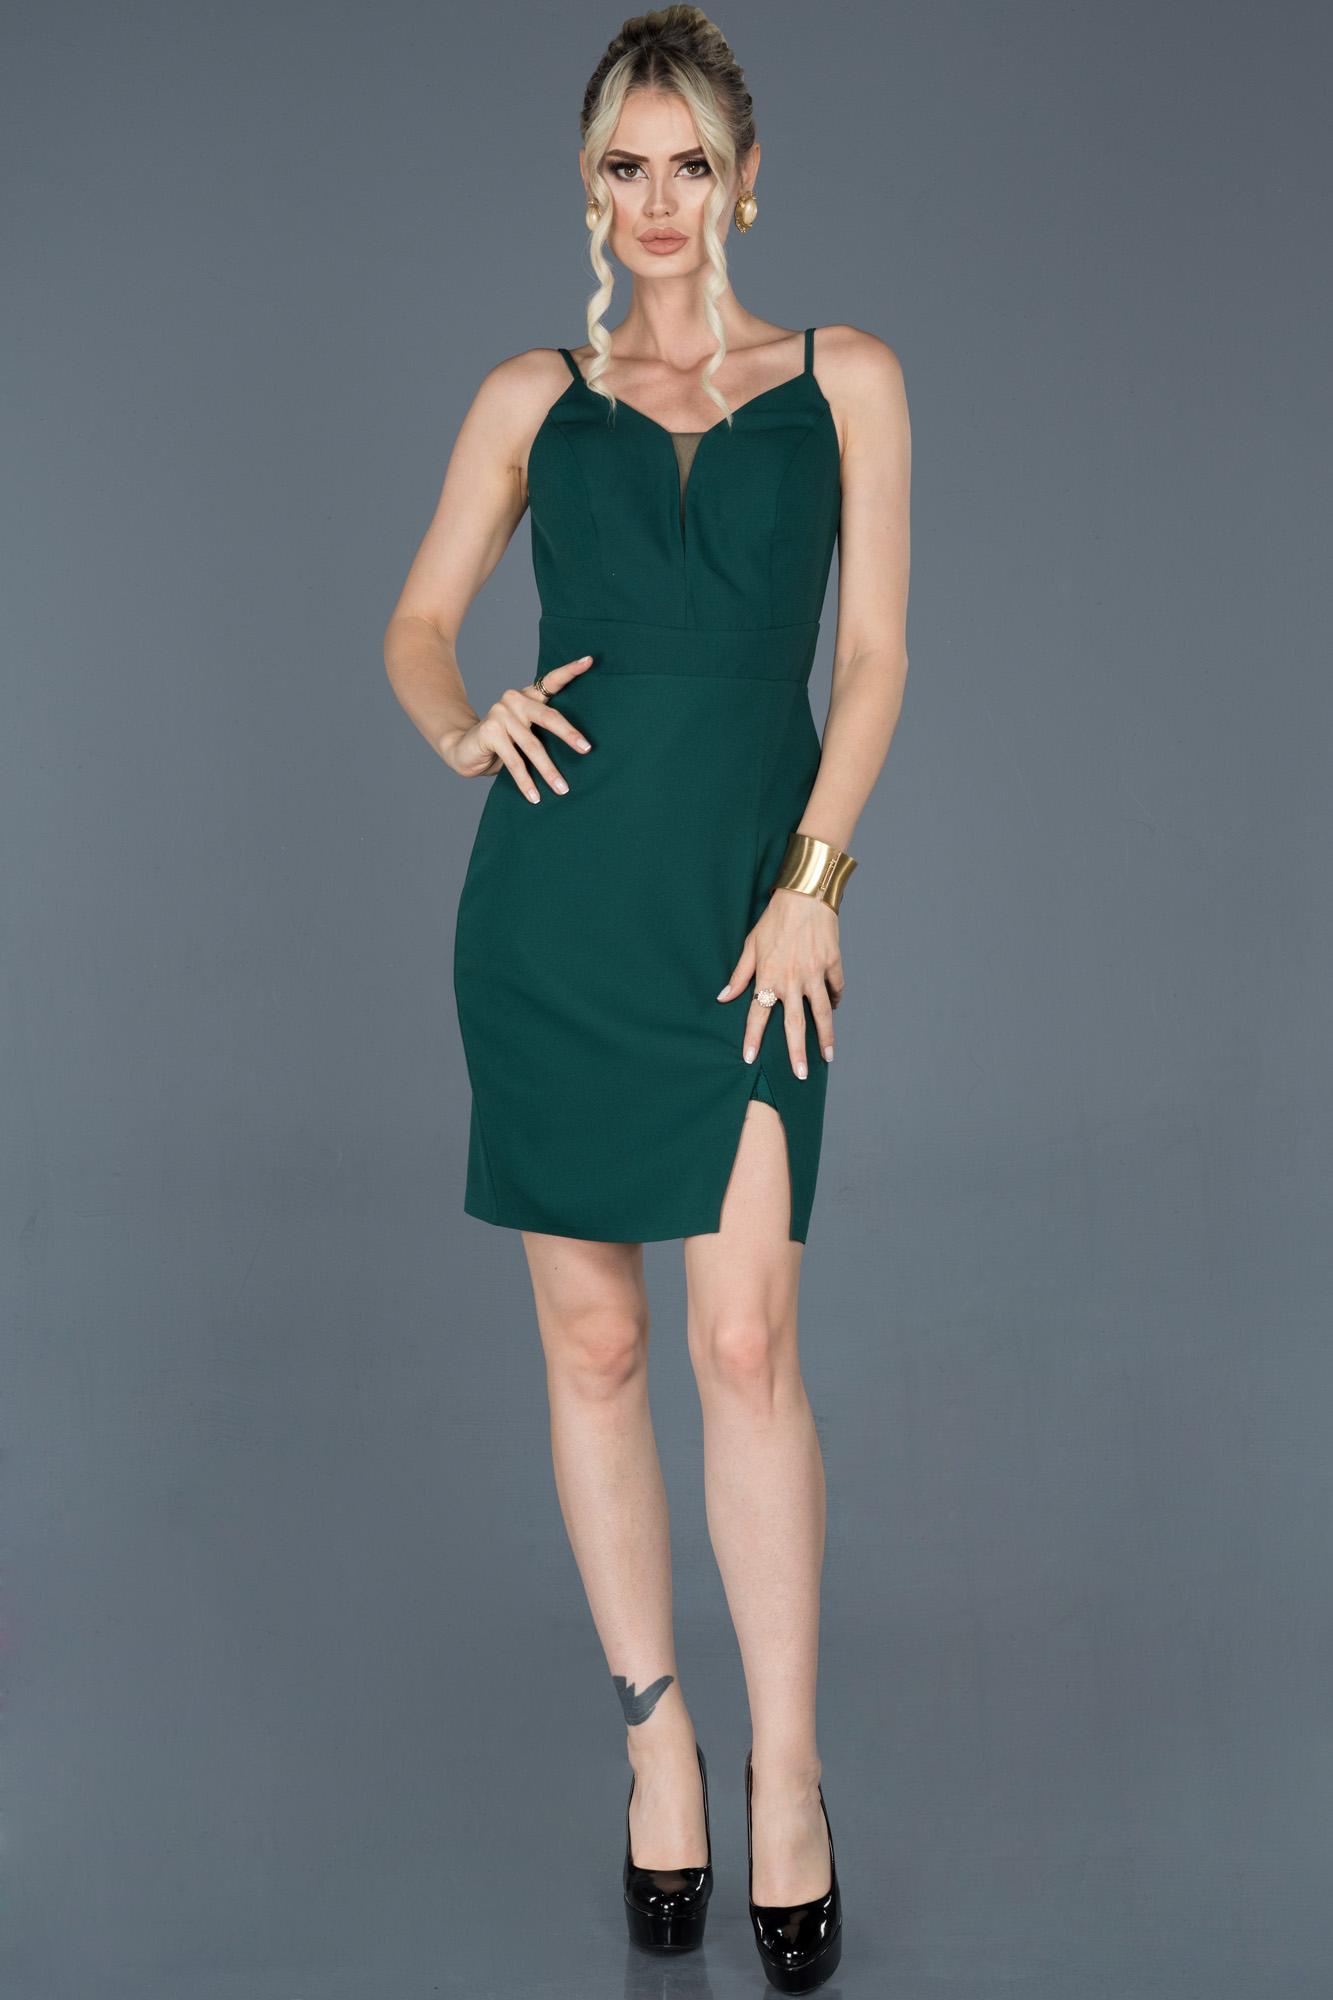 Zümrüt Yeşili Kısa Ip Askılı Davet Elbisesi